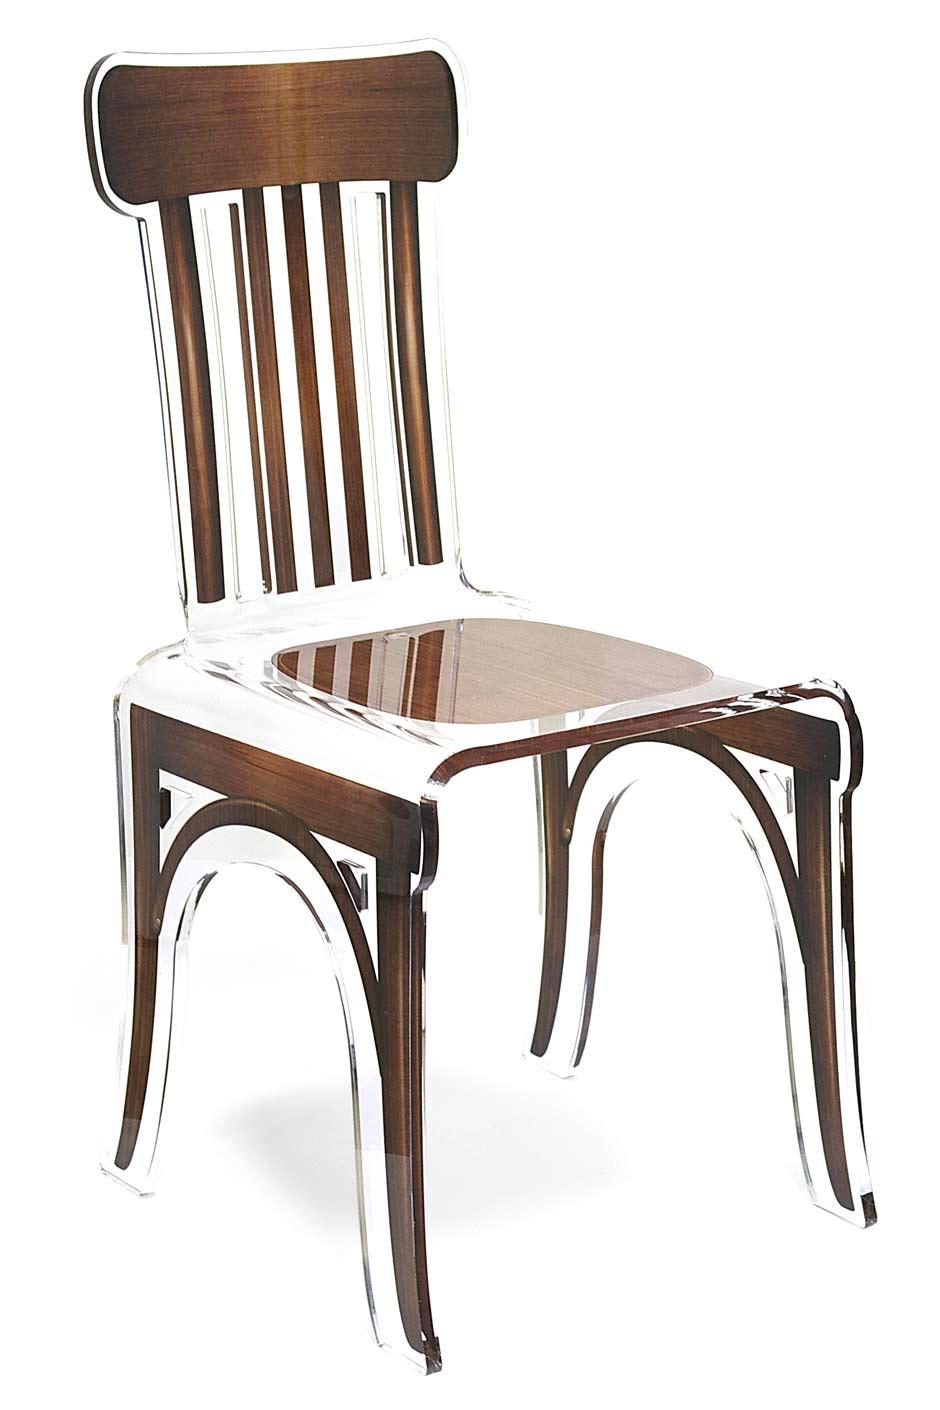 Chaise plexiglas transparent bistrot motif bois marron for Chaise plexi bois